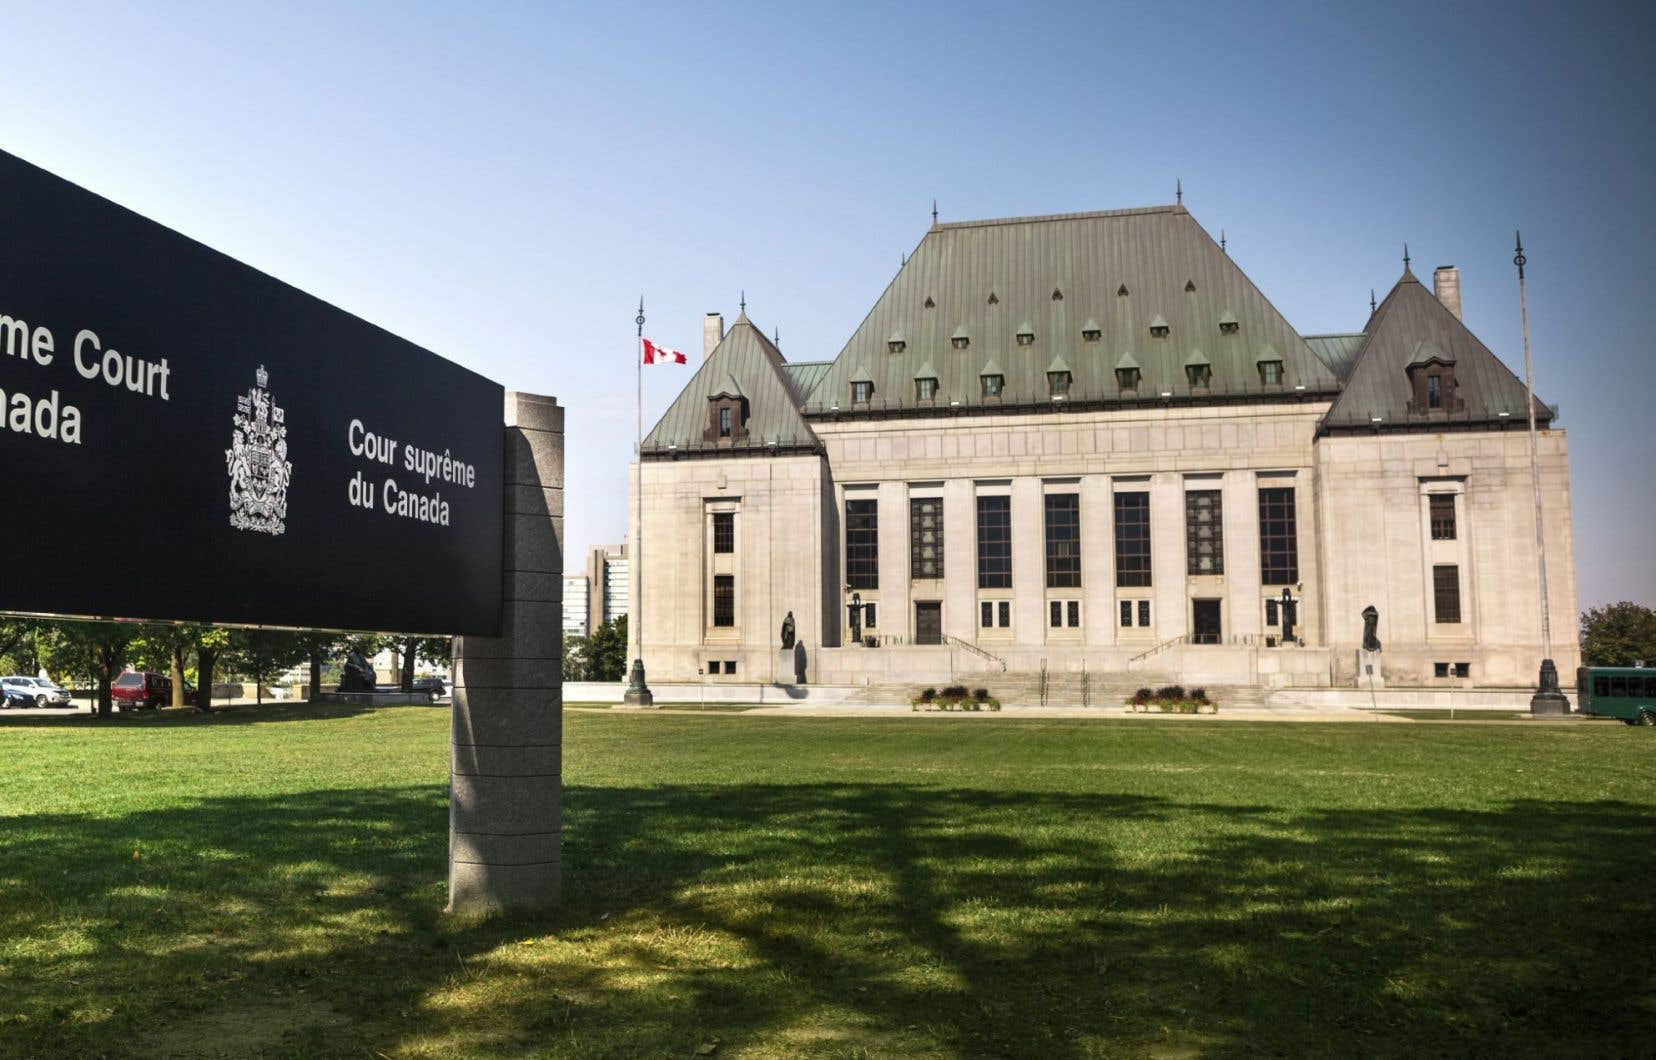 Il y a un peu moins d'un an, le 6 février dernier, le plus haut tribunal au pays, la Cour suprême, a autorisé l'aide médicale à mourir.